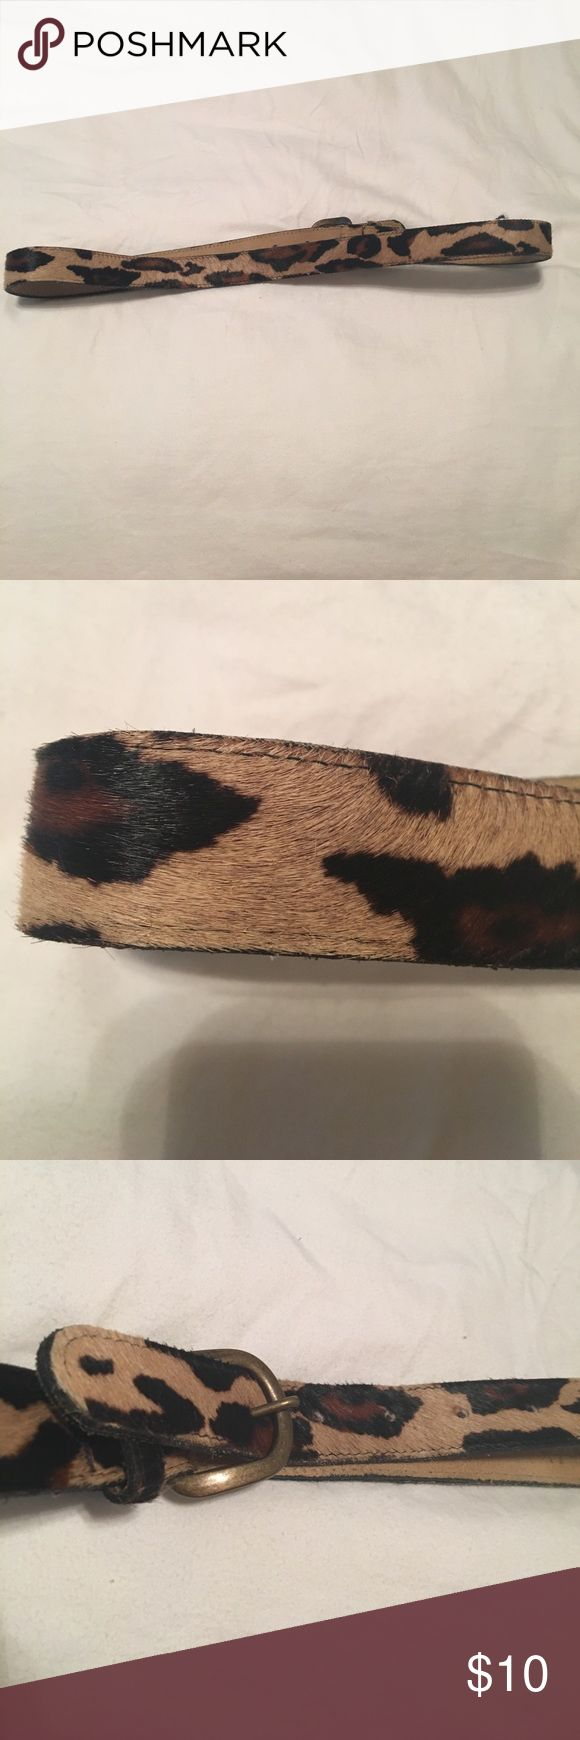 Cheetah print belt Used cheetah print belt rockin robin rockinrobin Accessories Belts